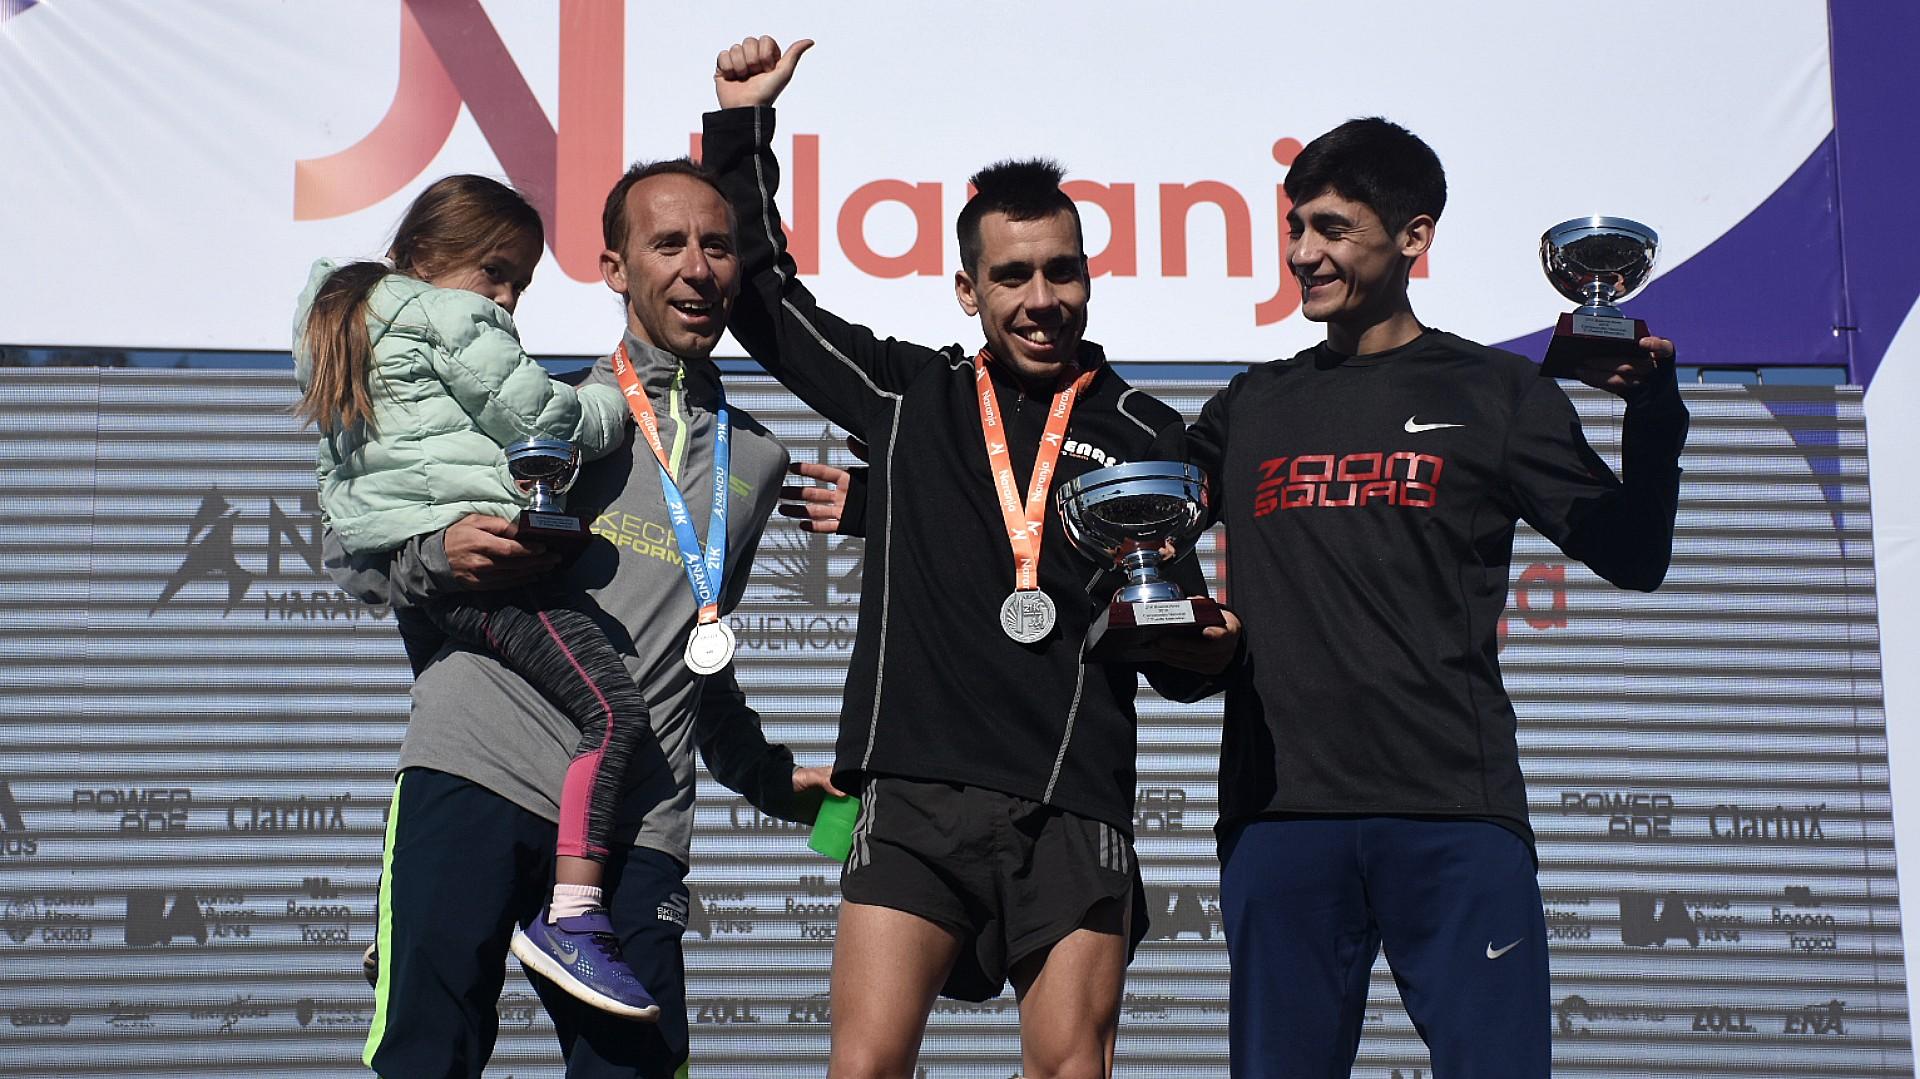 El podio de los argentinos: Julián Molina fue el primeo en llegar, con 1:04:18. Le siguieron Eulalio Muñoz con 1:04:22 y Mariano Nicolás Mastromarino, con 1:04:24